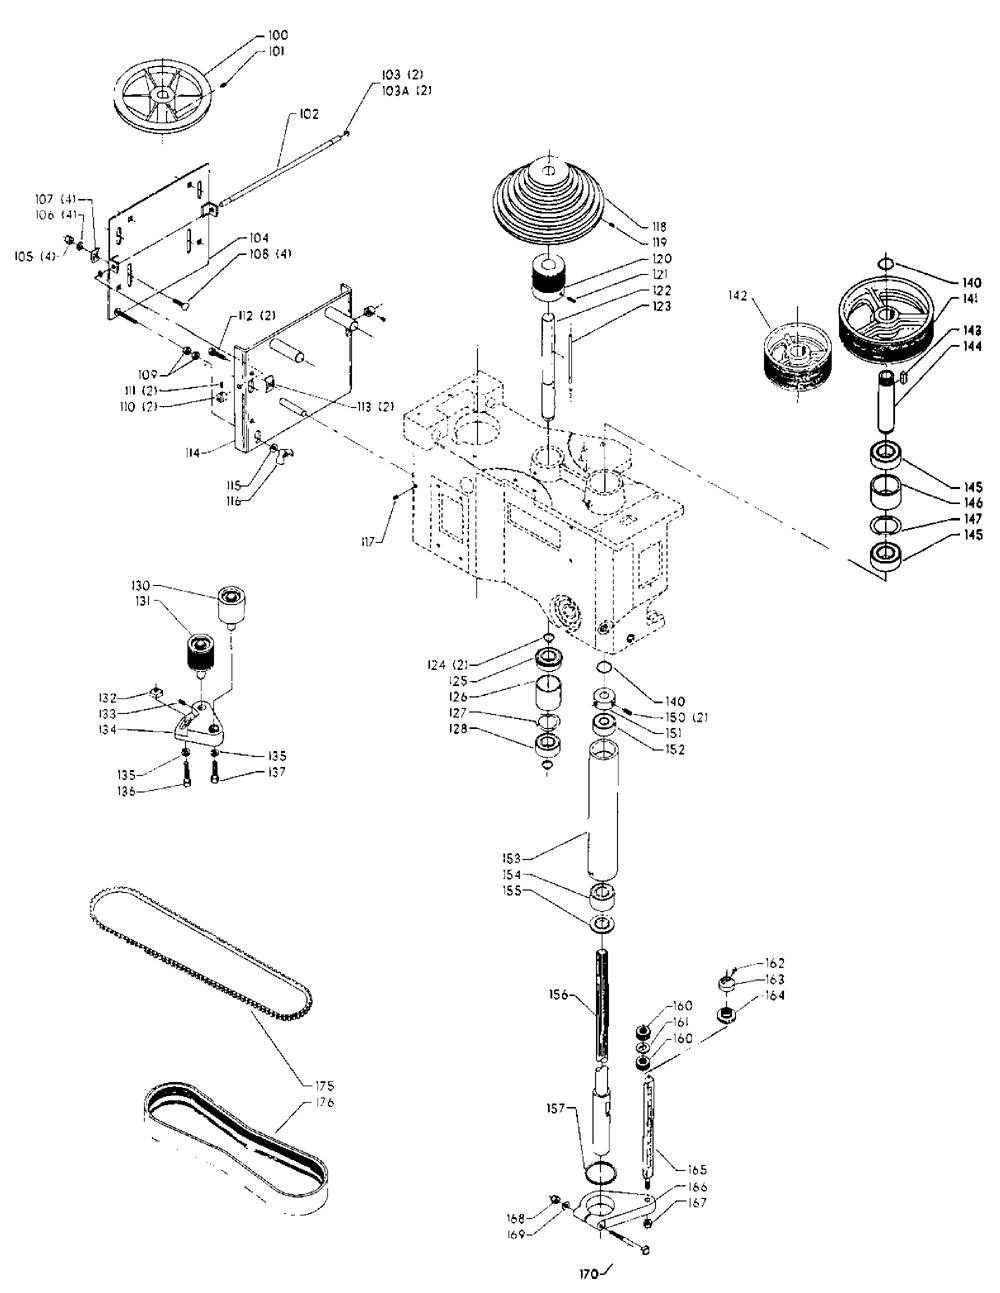 70-265-Delta-T1-PB-3Break Down